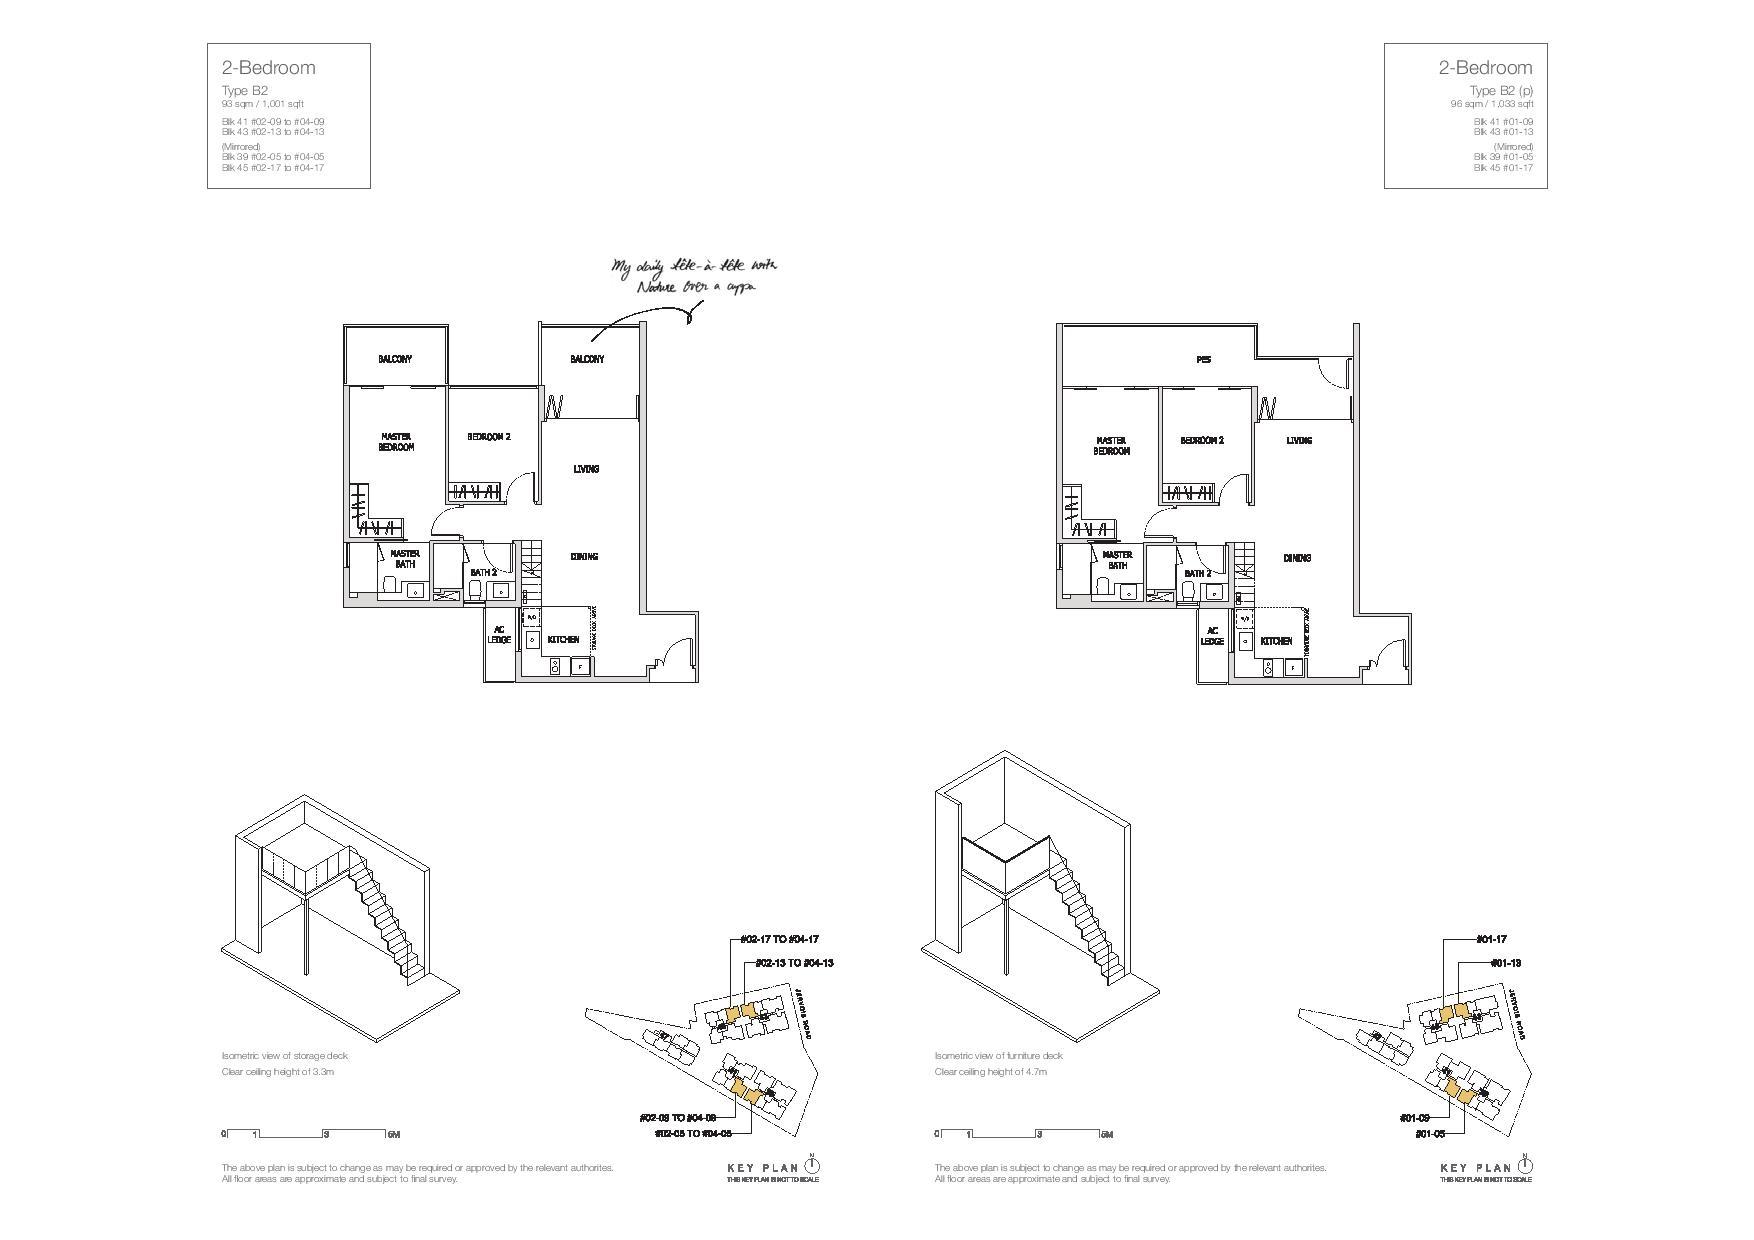 Mon Jervois 2 Bedroom Floor Plans Type B2, B2(p)